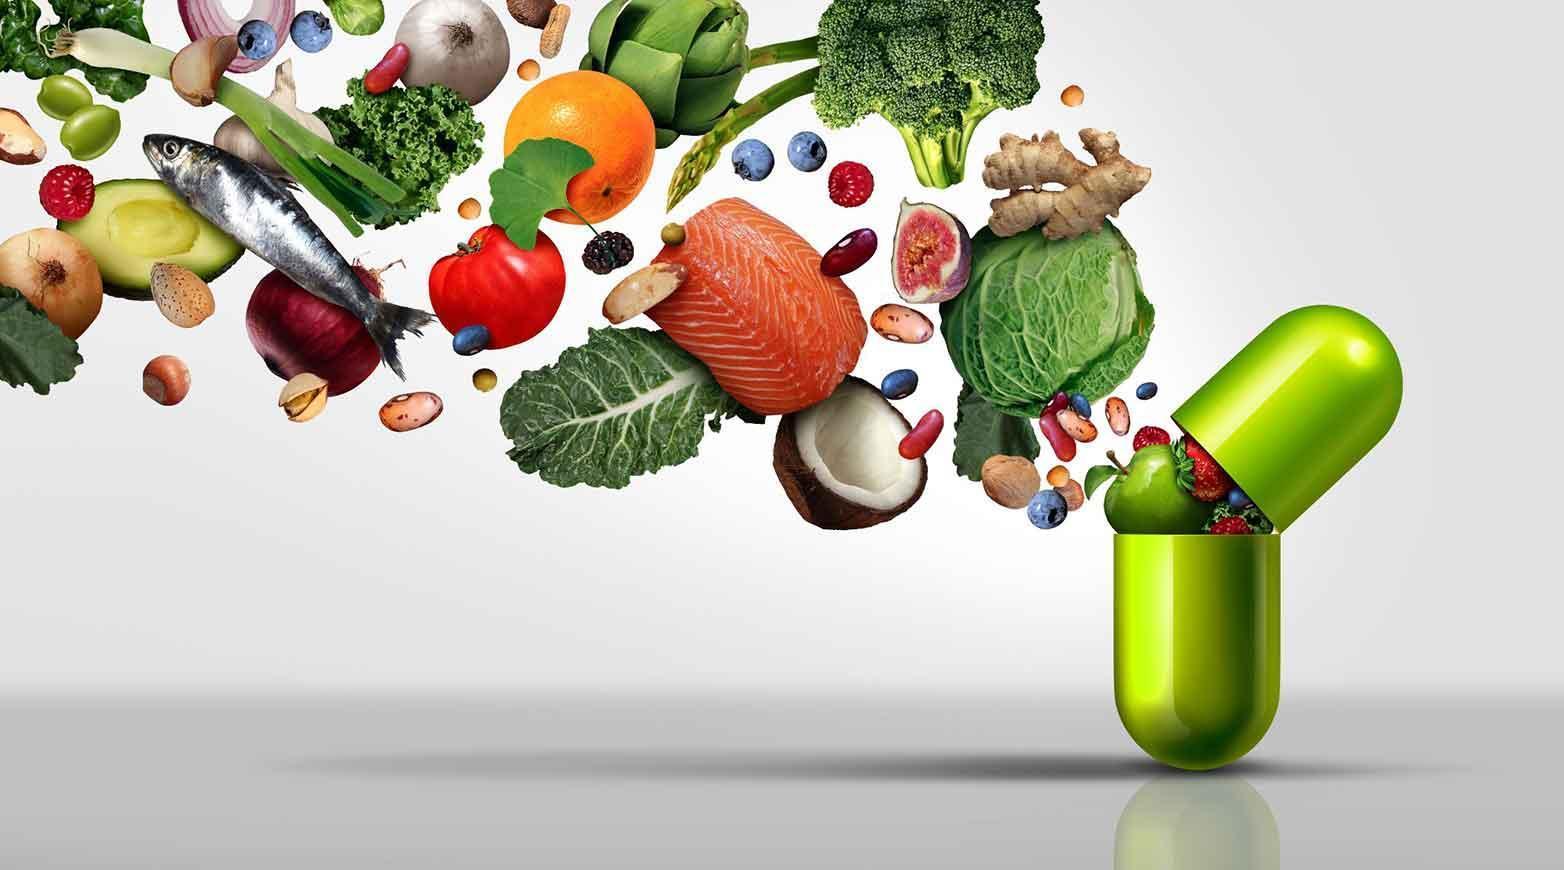 Complément nutritionnel et suppléments vitaminiques sous forme de capsule contenant des fruits, des légumes et des haricots à l'intérieur d'une pilule nutritive en tant que traitement de santé en médecine naturelle avec des éléments d'illustration 3D.